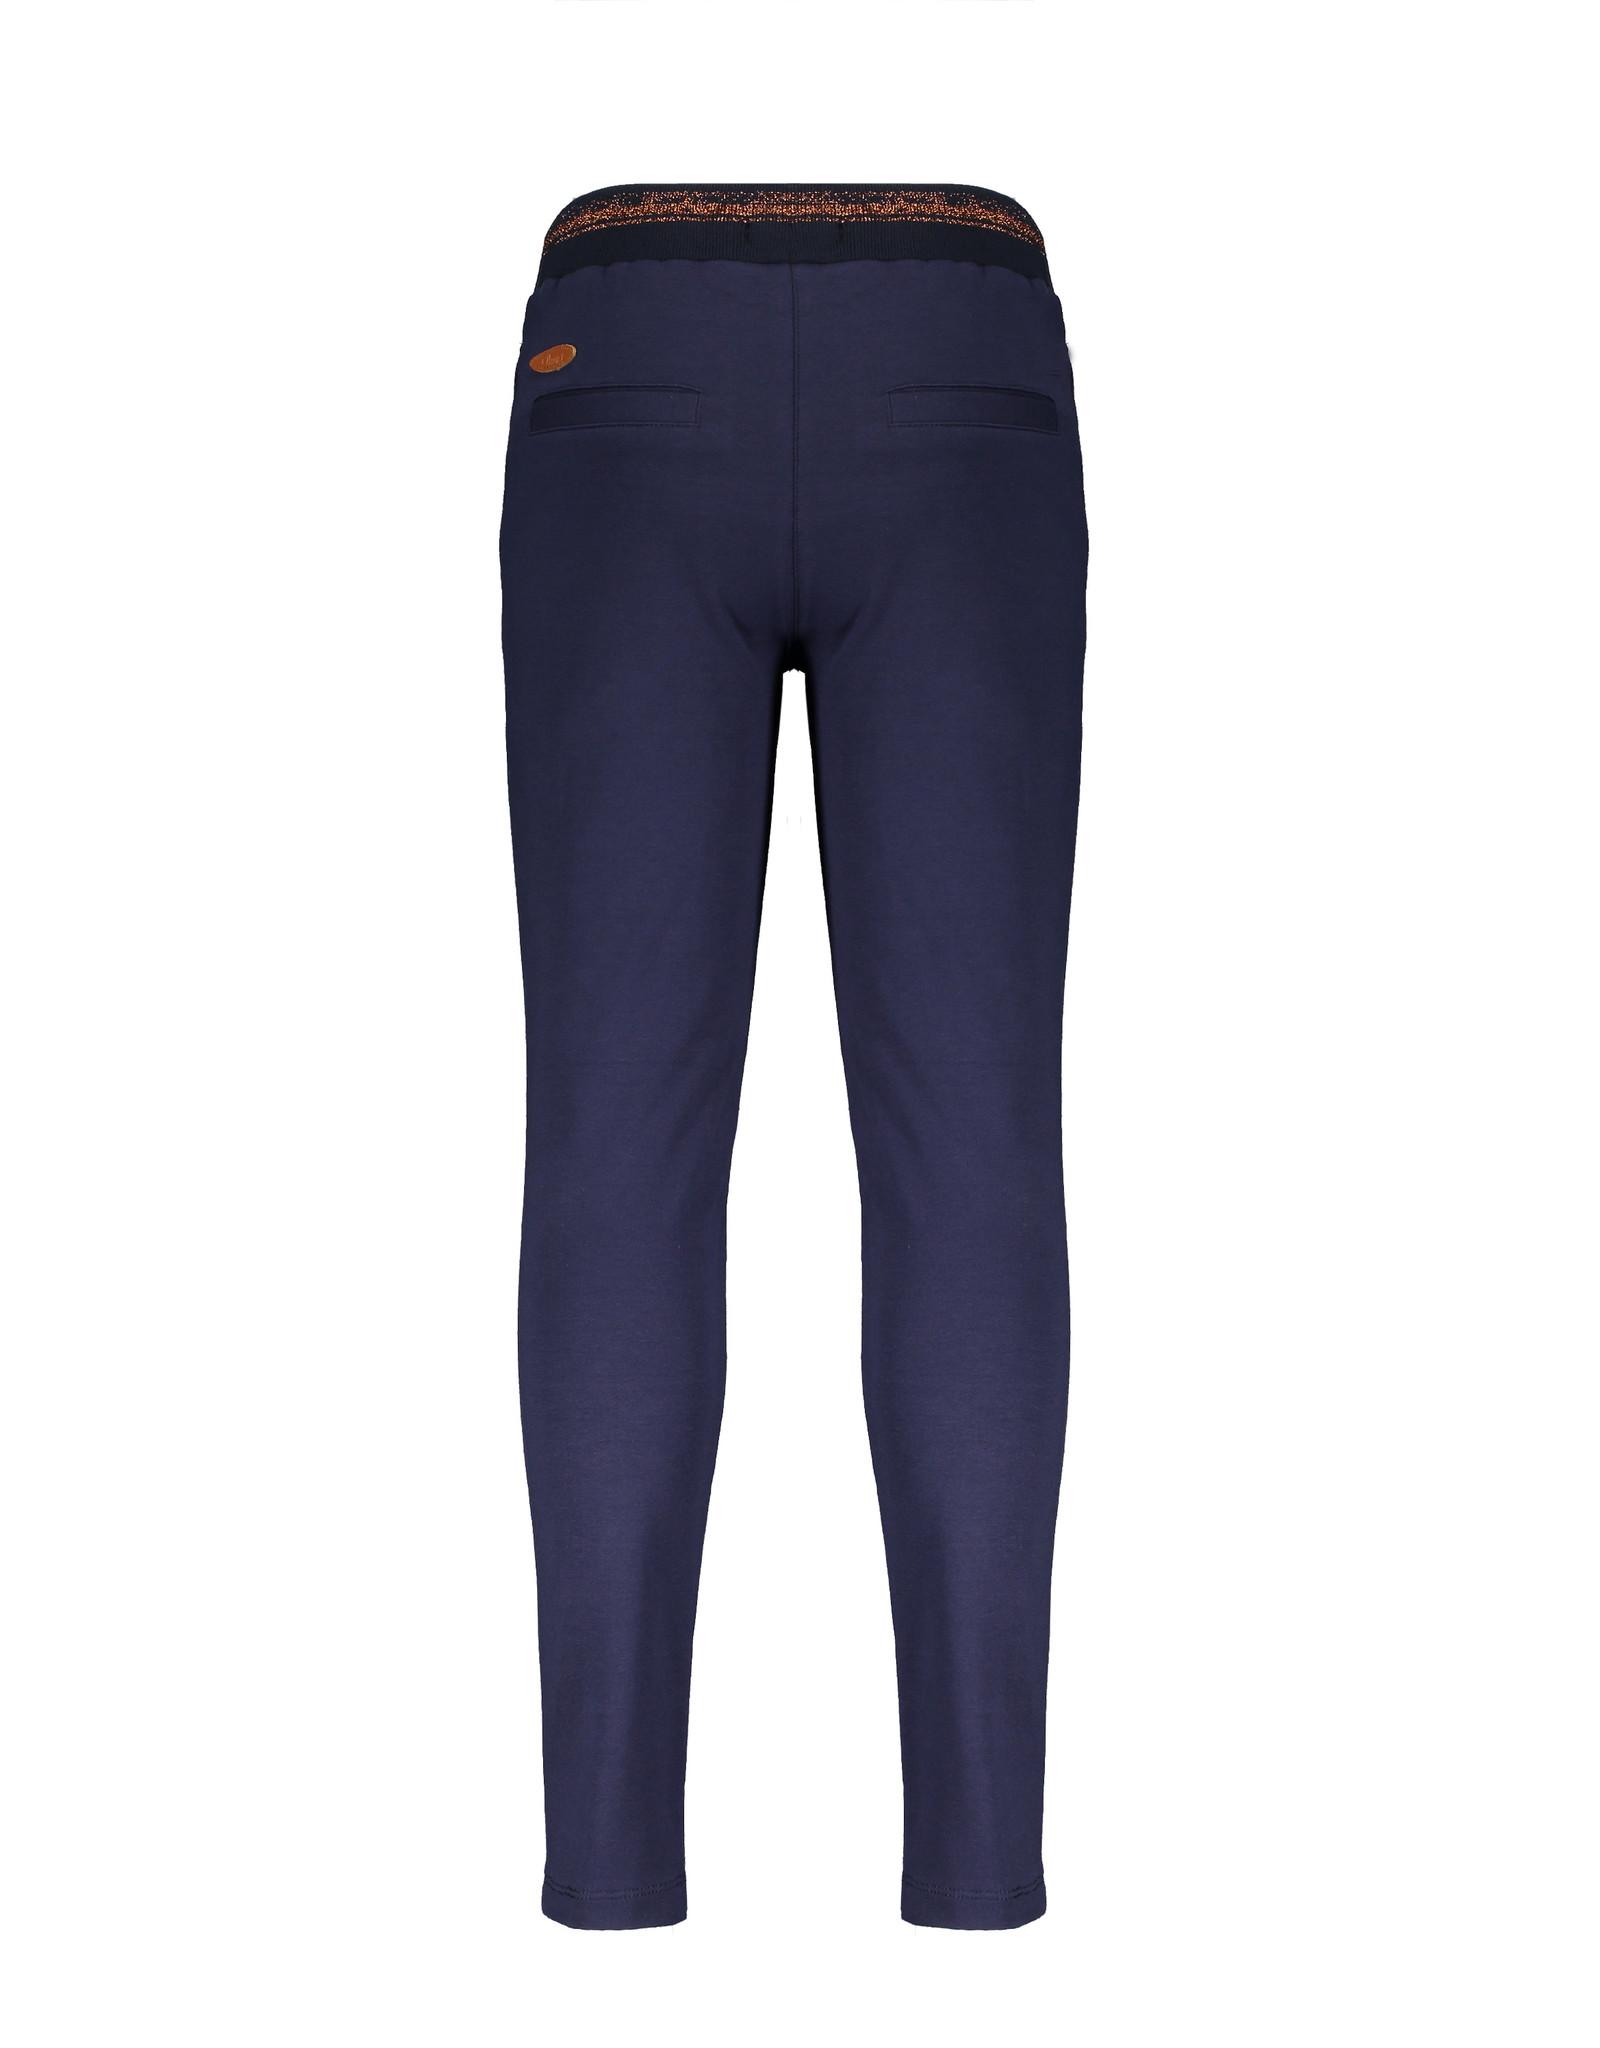 NONO NONO Secler Sweat Pants With Rib Waistband Navy Blazer